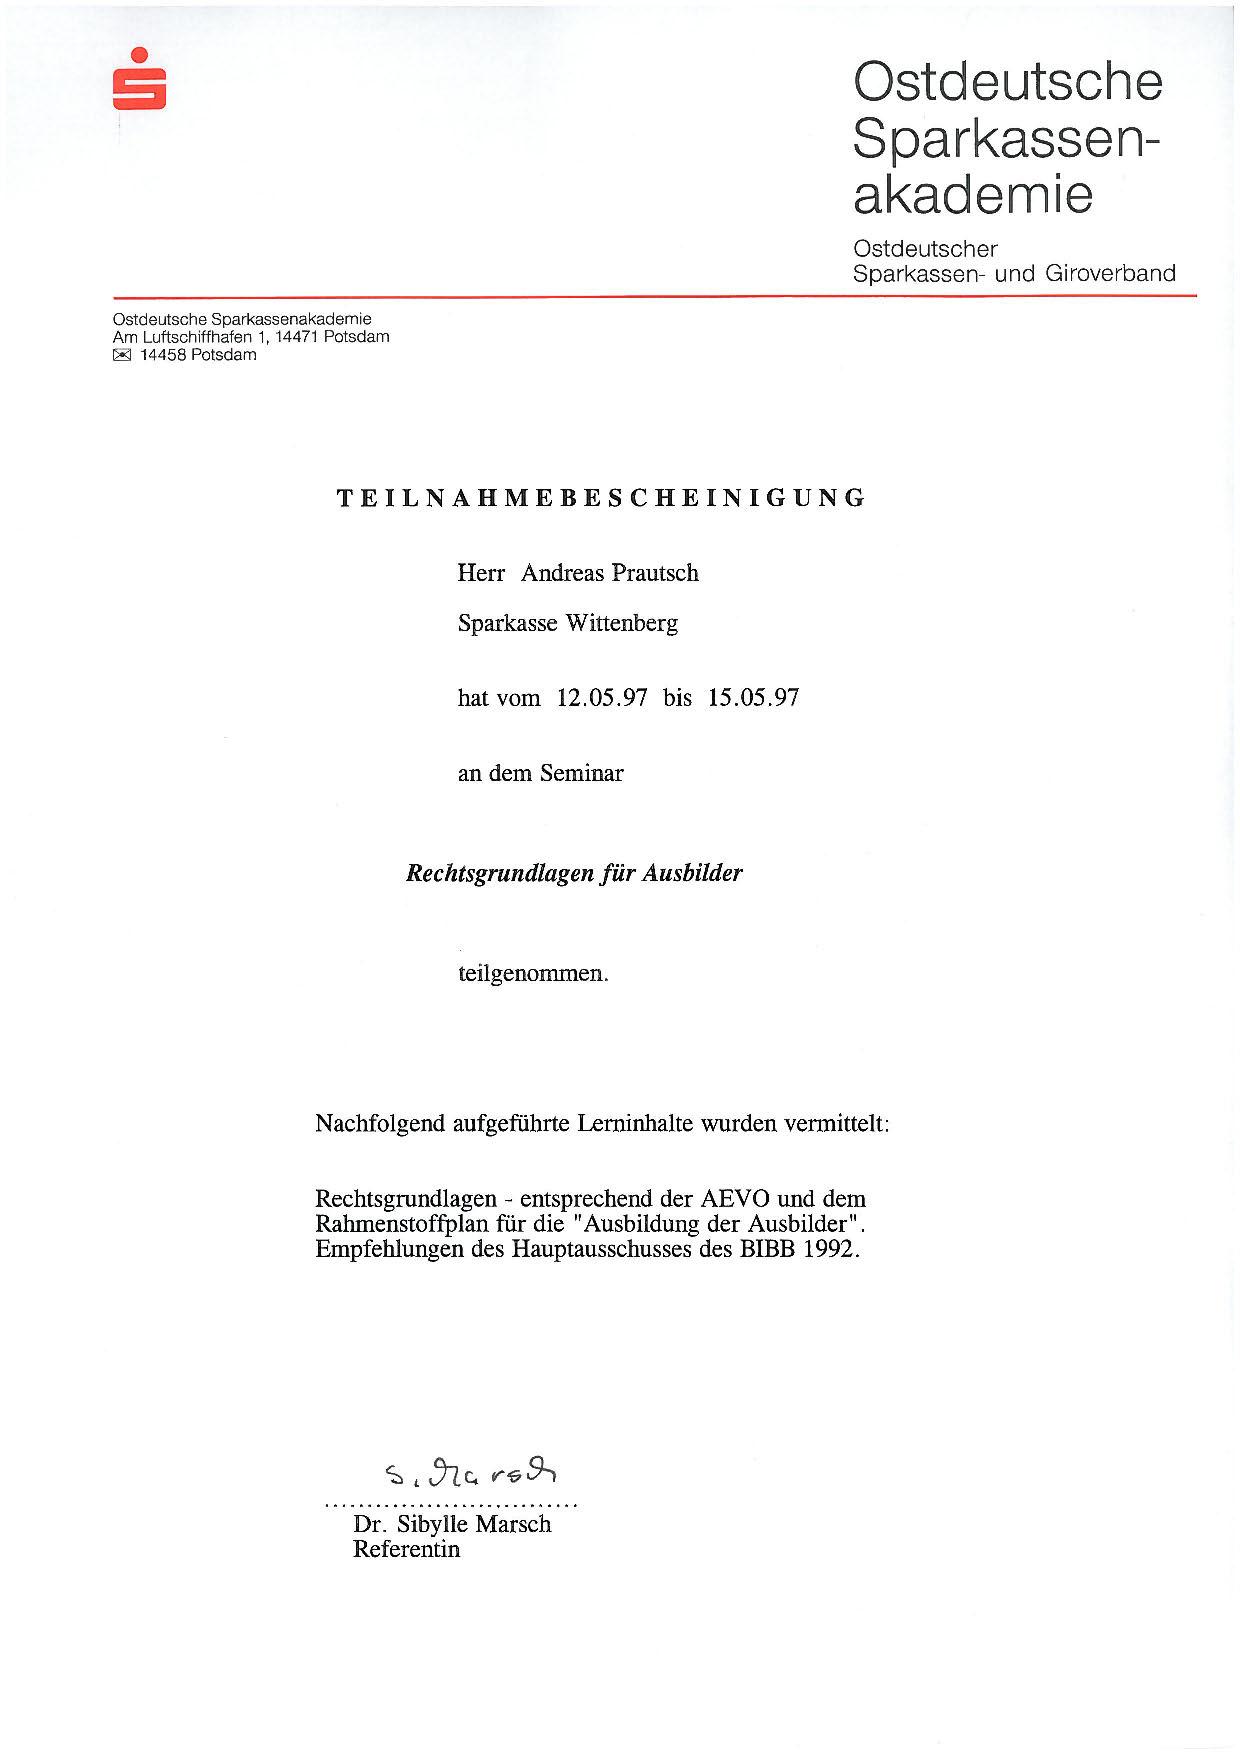 Rechtsgrundlagen für Ausbilder - 1997